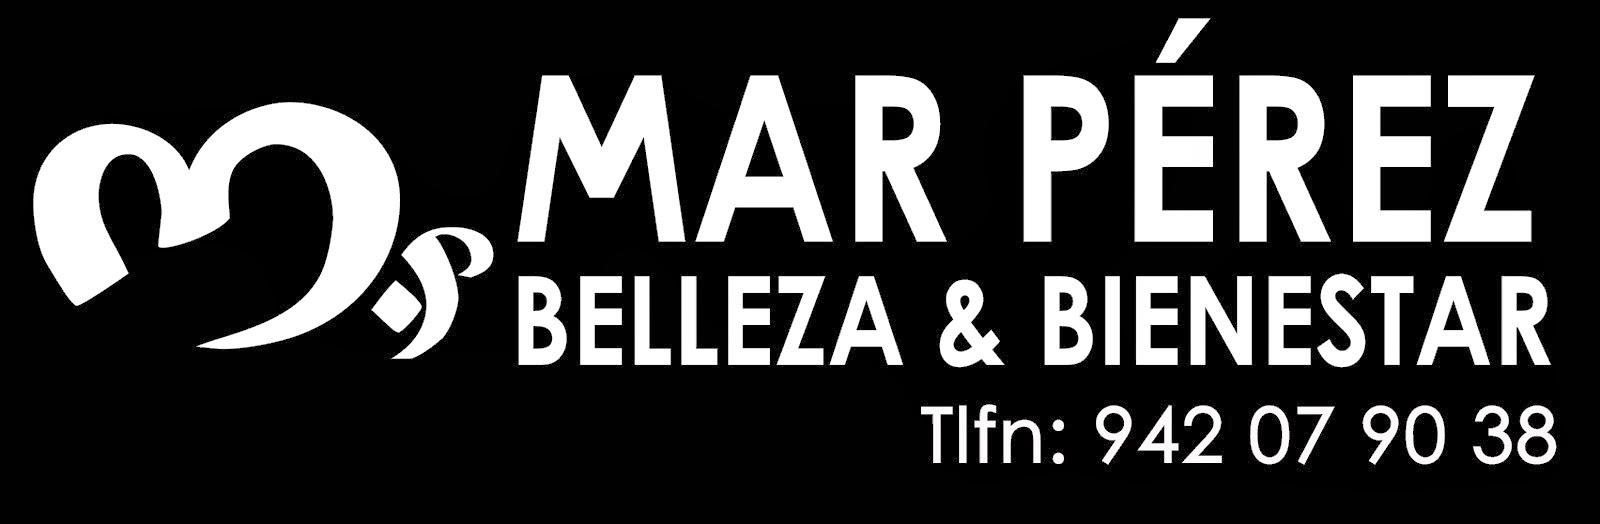 MAR PEREZ    Belleza & Bienestar